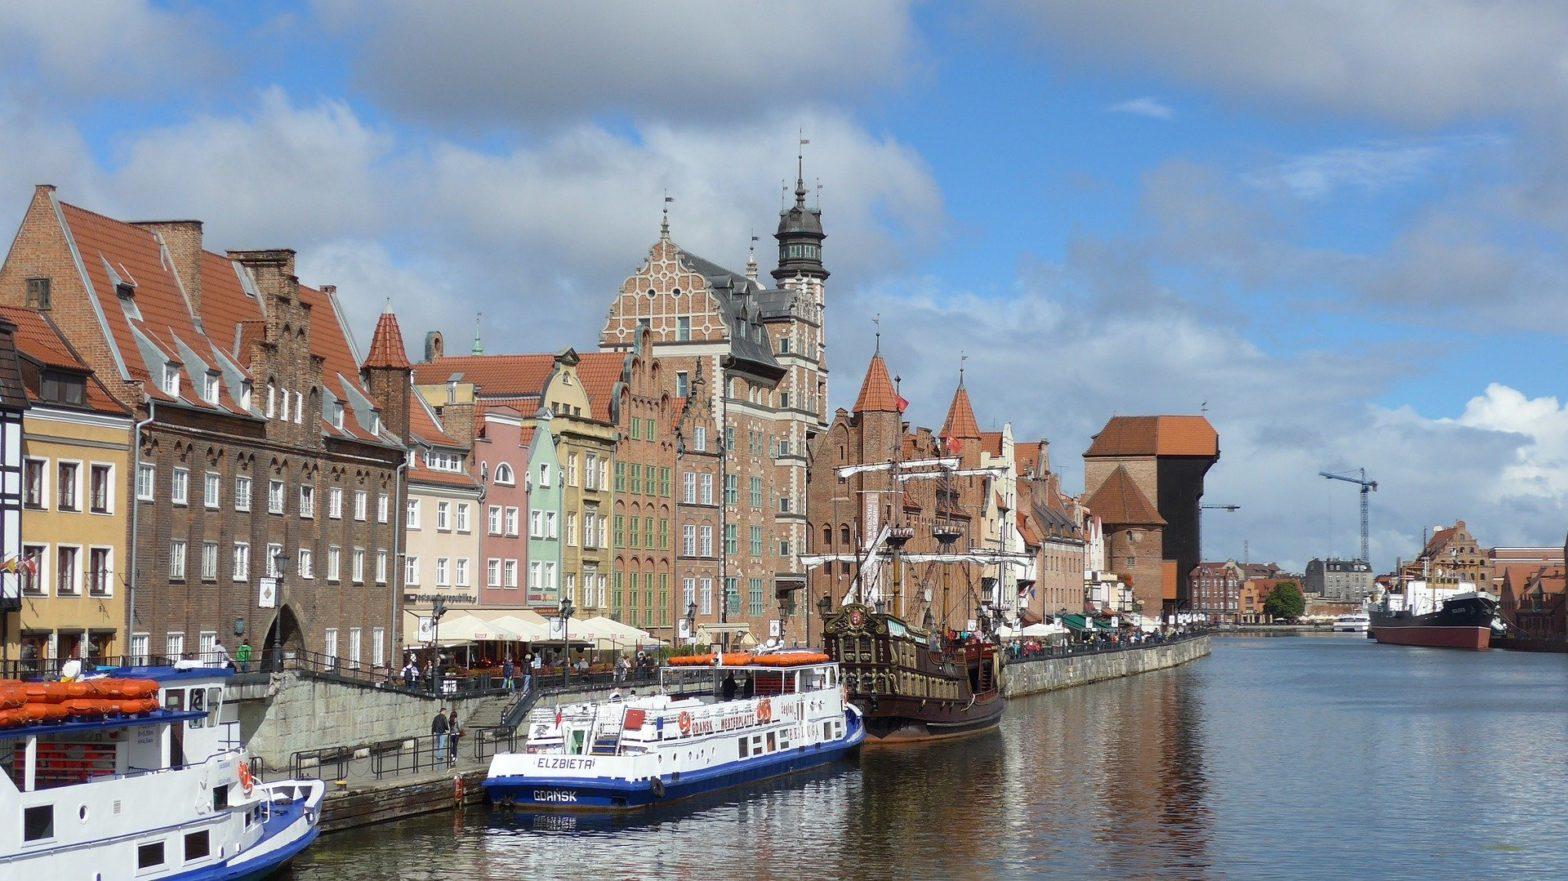 Motyw starego miasta na monecie Solidarność pochodzi z Gdańska.